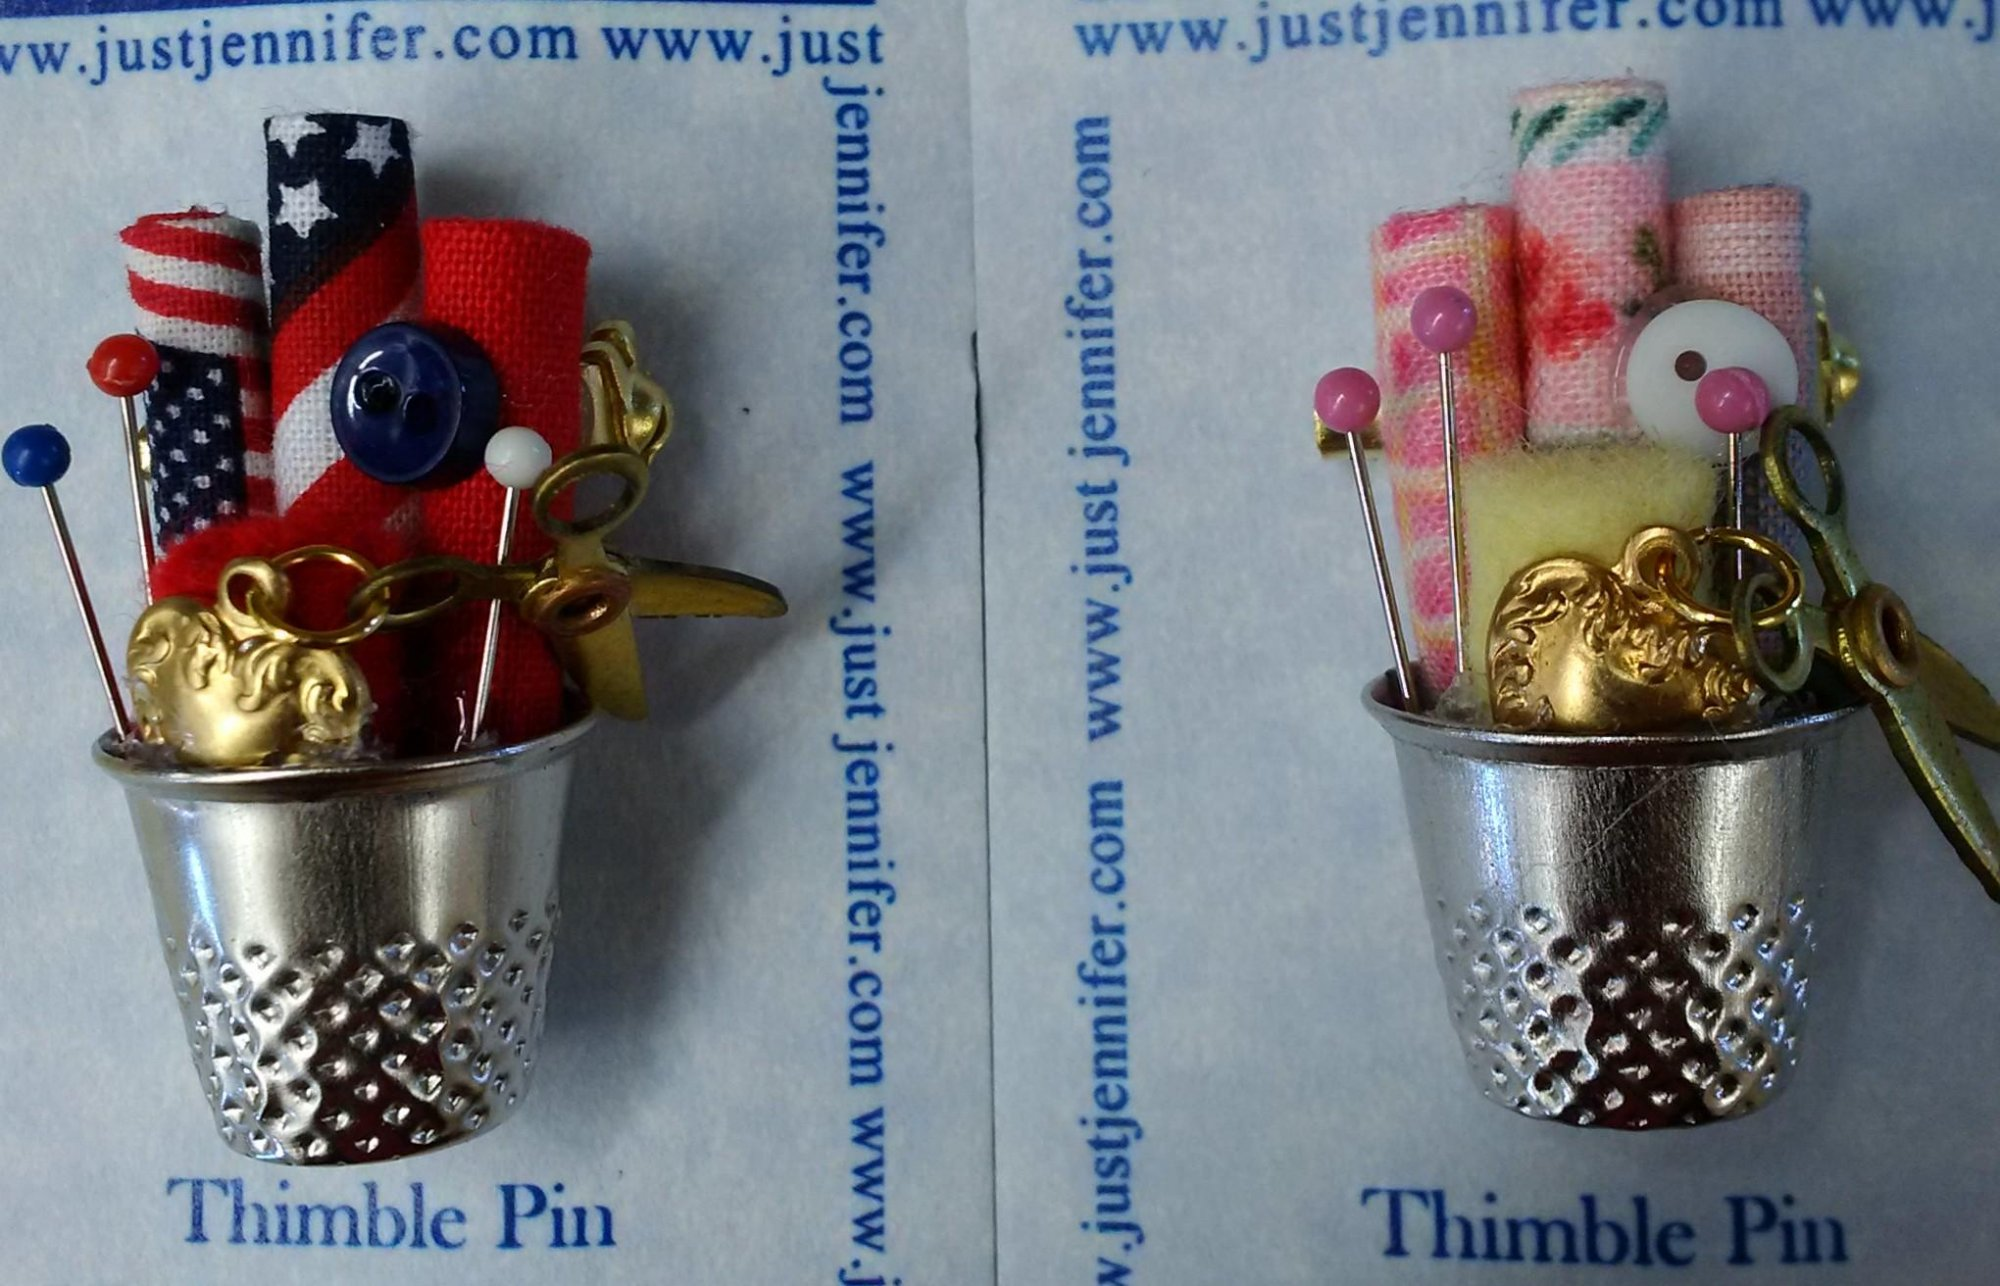 Thimble Pin by Just Jennifer